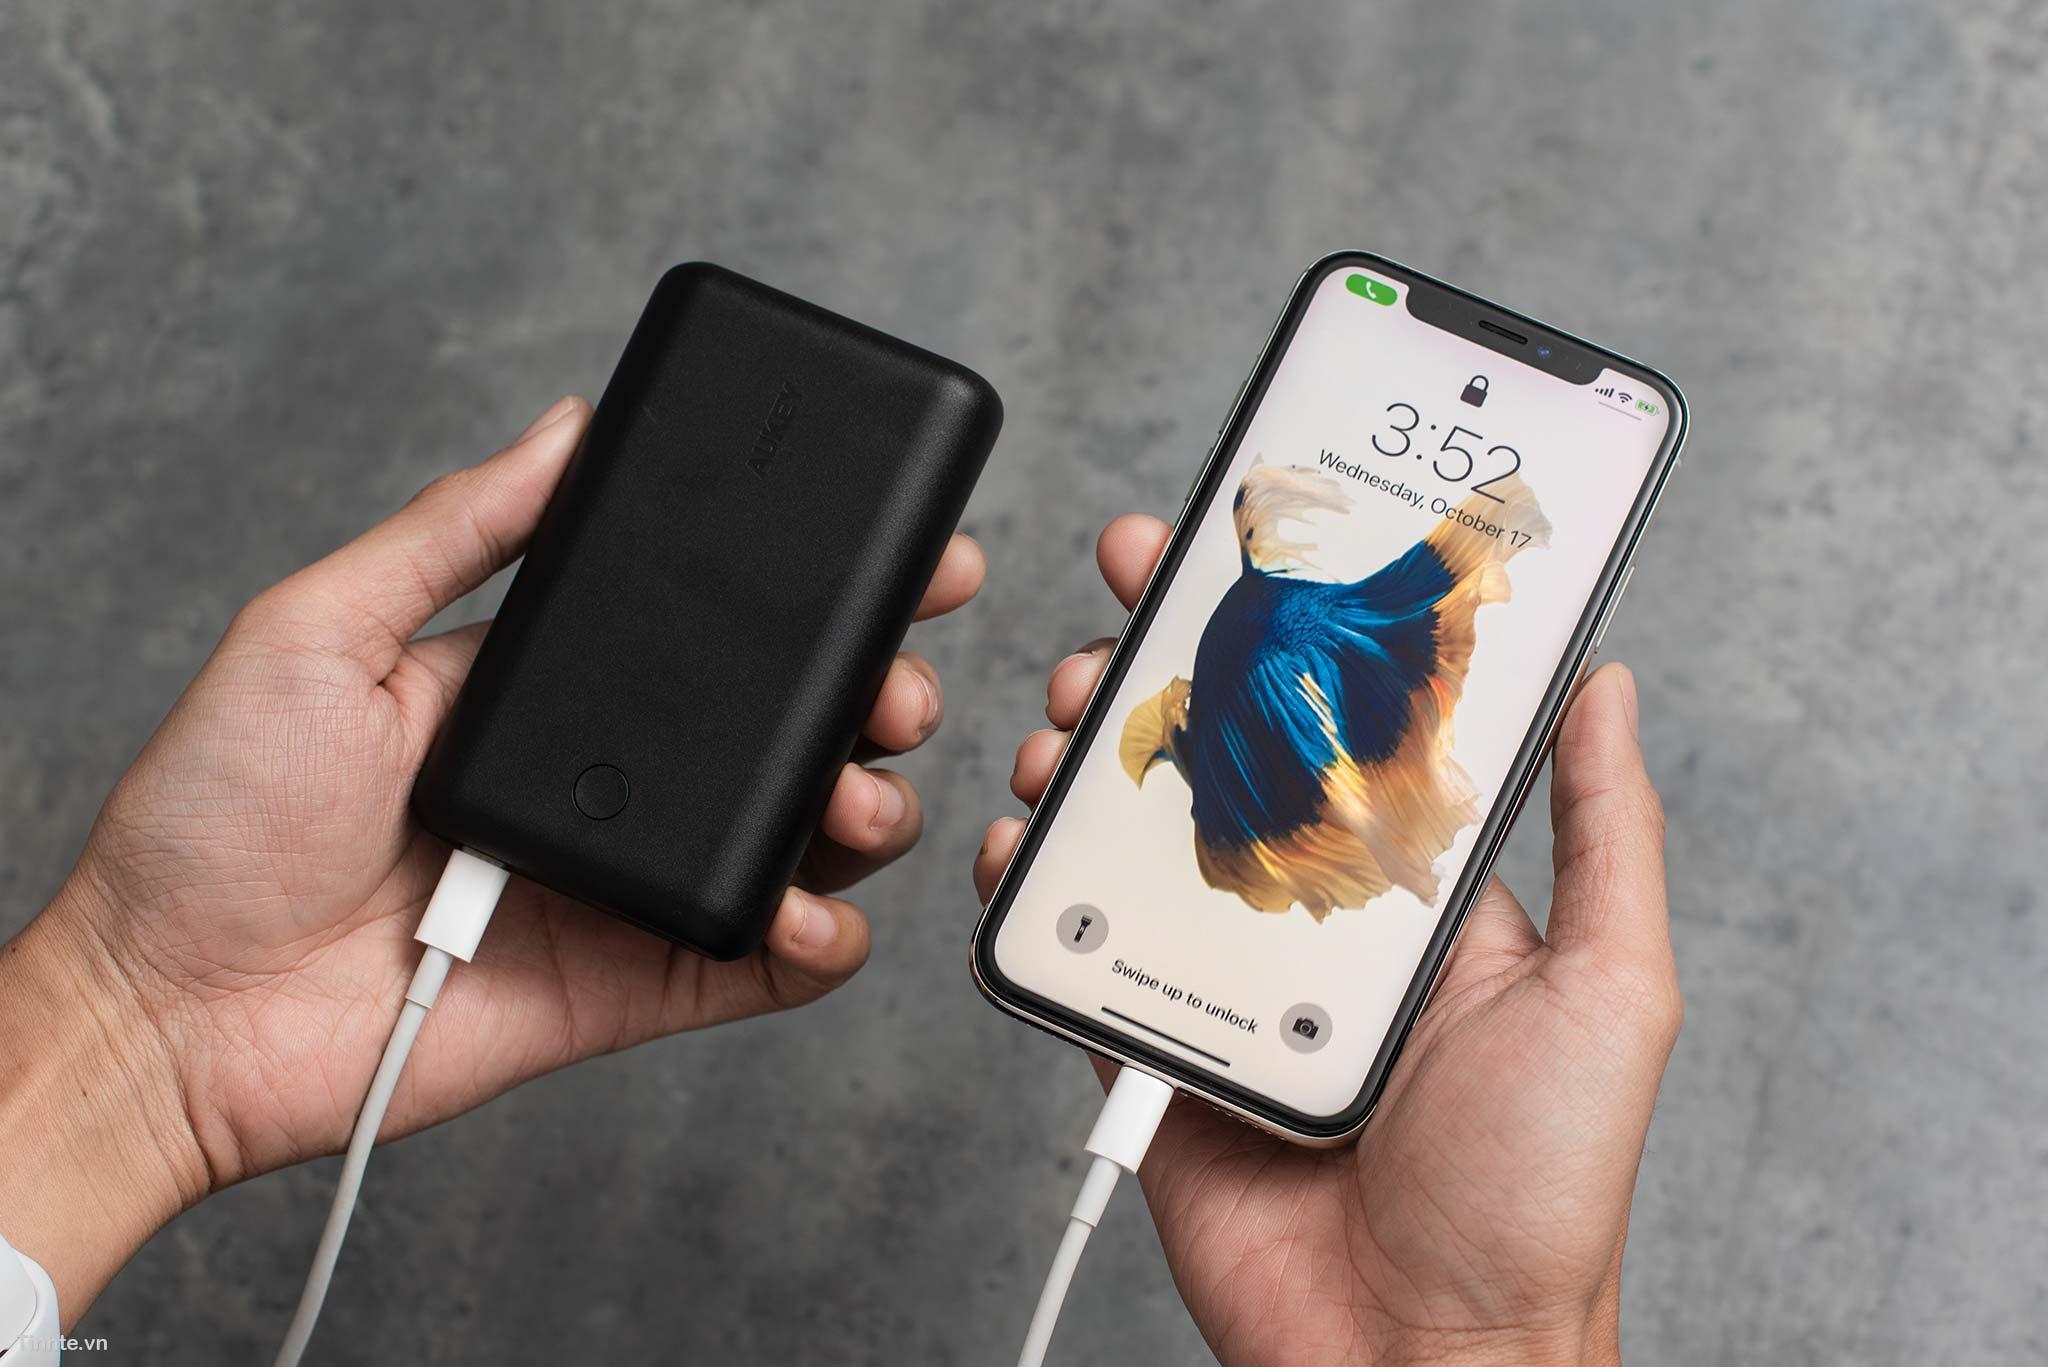 Cách kích sóng điện thoại di động